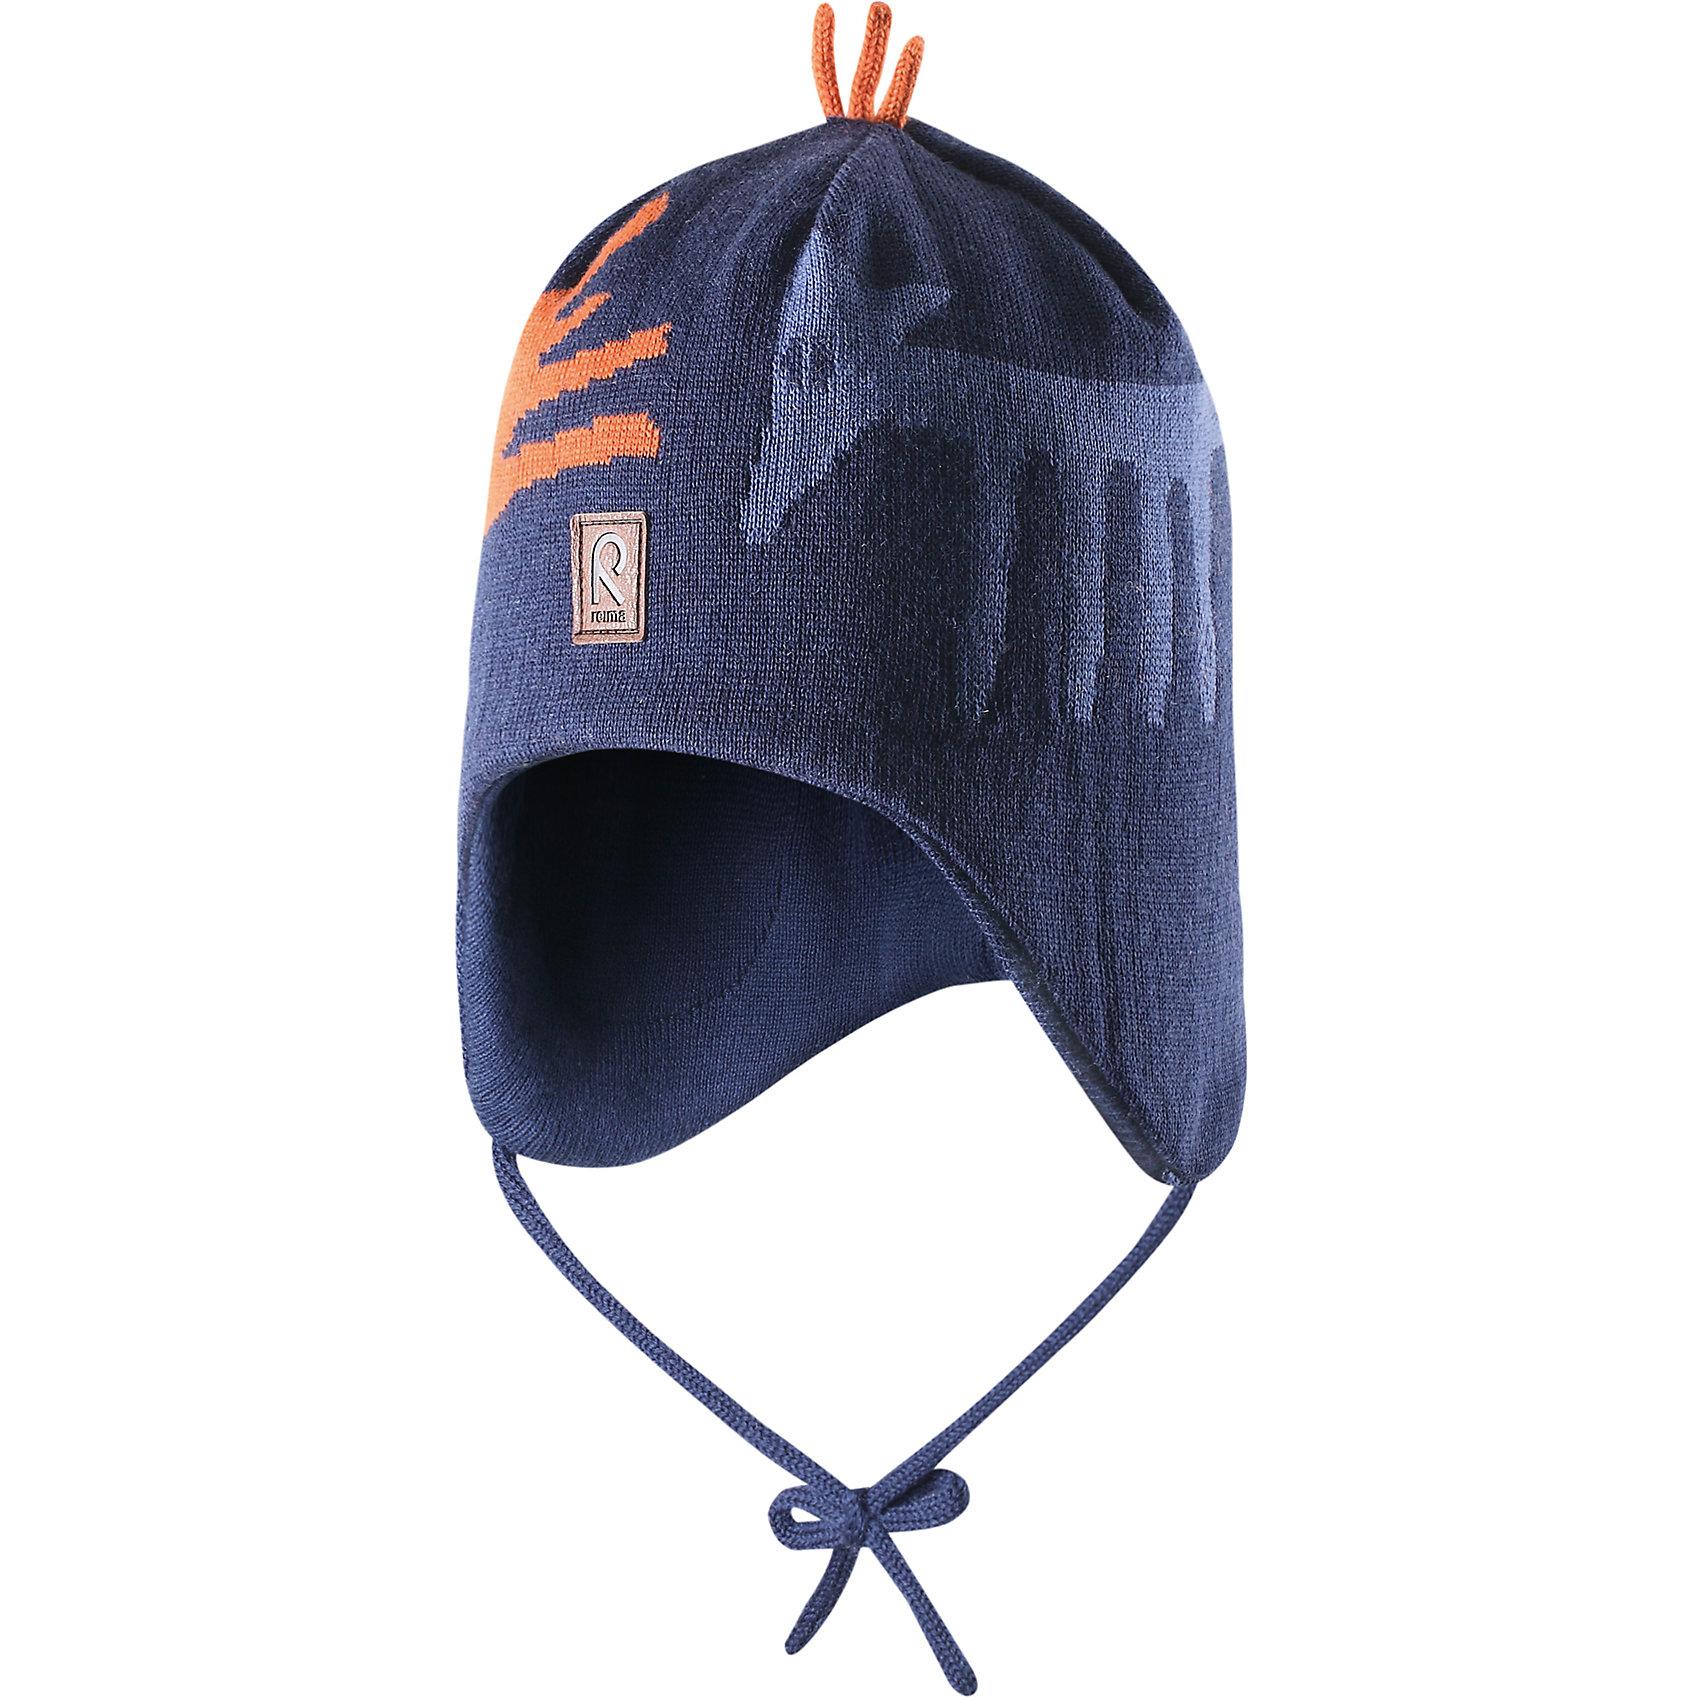 Шапка для мальчика ReimaШапки и шарфы<br>Эй, лисички! Эта теплая шерстяная шапочка согреет в морозный зимний день! Подкладка из мягкого хлопчатобумажной трикотажа приятна коже и позволяет держать головку в тепле. Ветронепроницаемые вставки в области ушей защитят маленькие уши от холодного ветра, а шнурочки не позволят шапочке соскользнуть во время катания на санках. Шапочка хорошо защитит маленькие уши и лоб в холодную погоду.<br><br> Шерстяная шапочка для малышей и детей постарше<br> Спереди декоративная вышивка<br> Сплошная подкладка: мягкая хлопчатобумажная подкладка<br>Ветронепроницаемые вставки в области ушей <br>Забавный рисунок «лисица»<br>Состав:<br>100% Шерсть<br><br><br>Шапку Reima (Рейма) можно купить в нашем магазине.<br><br>Ширина мм: 89<br>Глубина мм: 117<br>Высота мм: 44<br>Вес г: 155<br>Цвет: синий<br>Возраст от месяцев: 6<br>Возраст до месяцев: 9<br>Пол: Мужской<br>Возраст: Детский<br>Размер: 46,48,50,54,52<br>SKU: 4208777